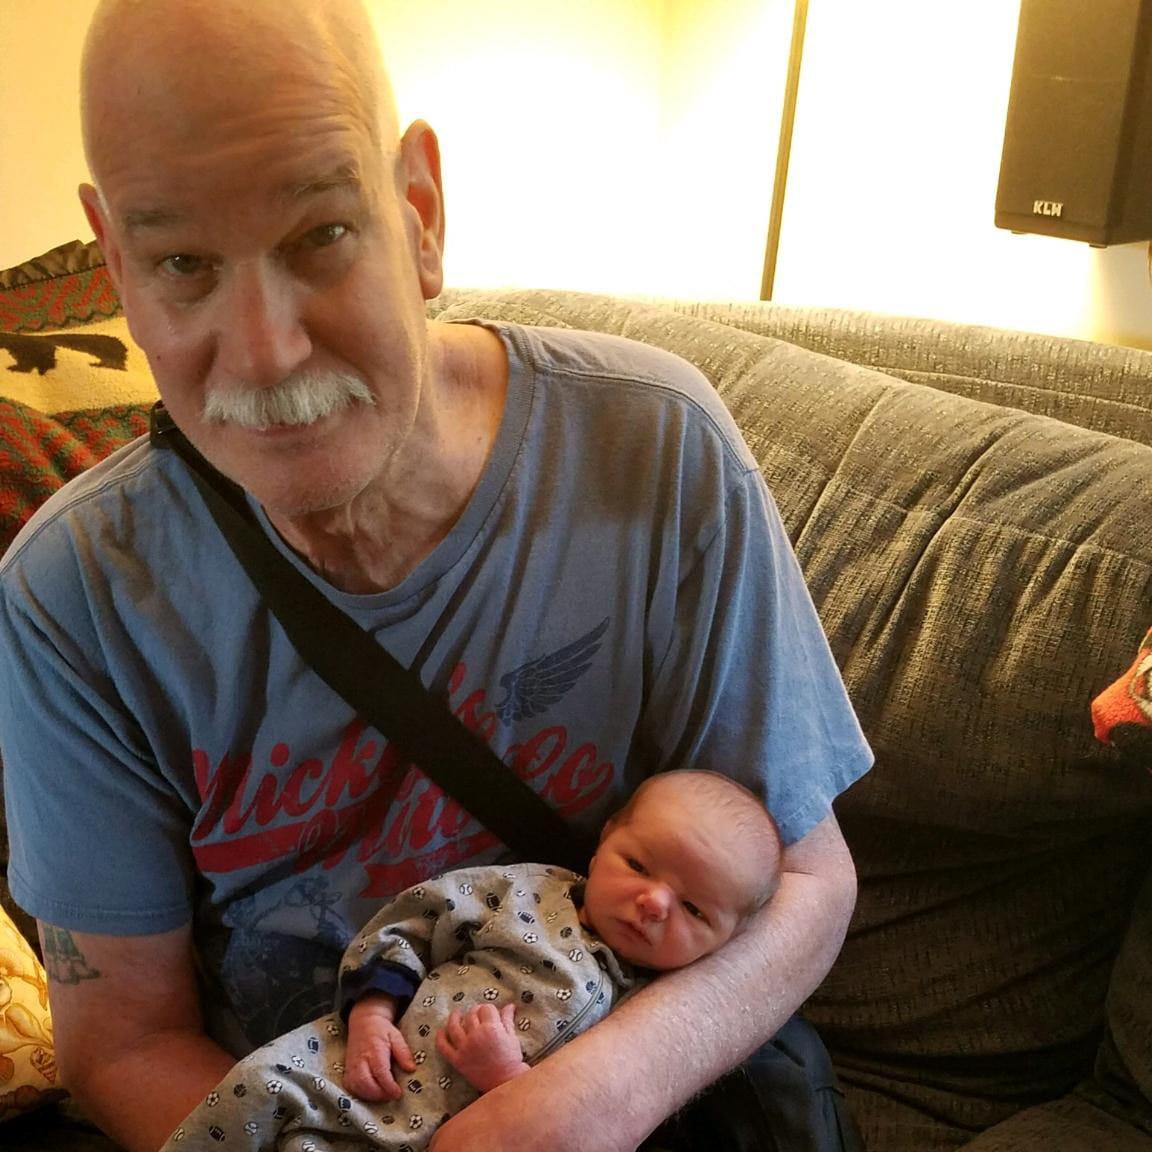 Albert Adams holding a baby